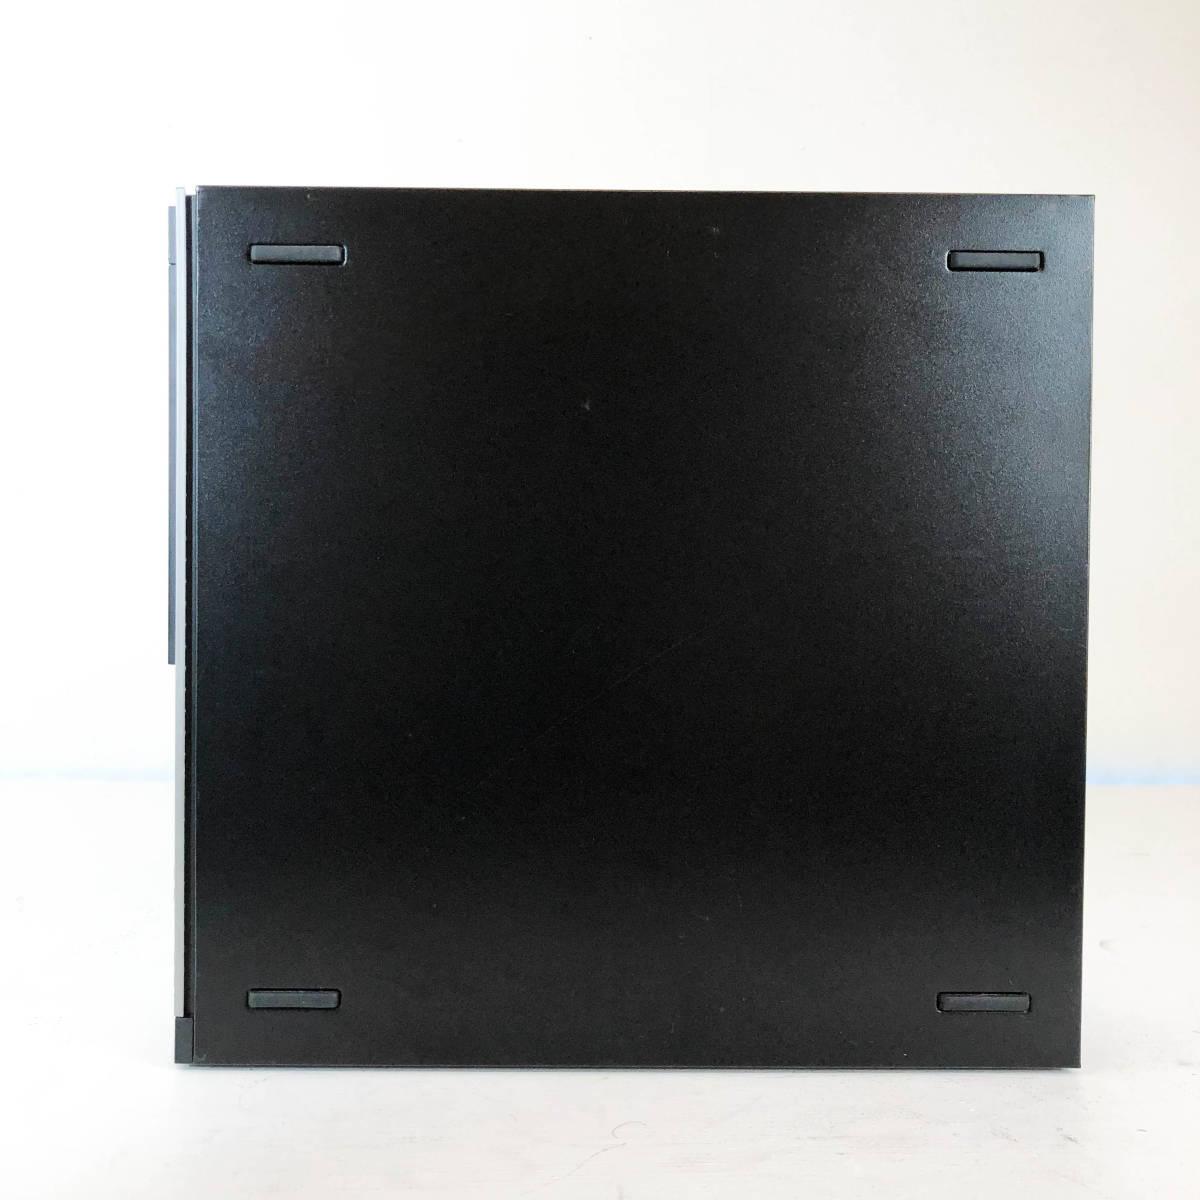 【極品】i7-4770 3.9Ghz×4コア8スレッド/office2019/Optiplex/2画面同時出力/16GBメモリ/SSD1000GB/Wifi接続OK/USB3.0/領収書発行可_画像2